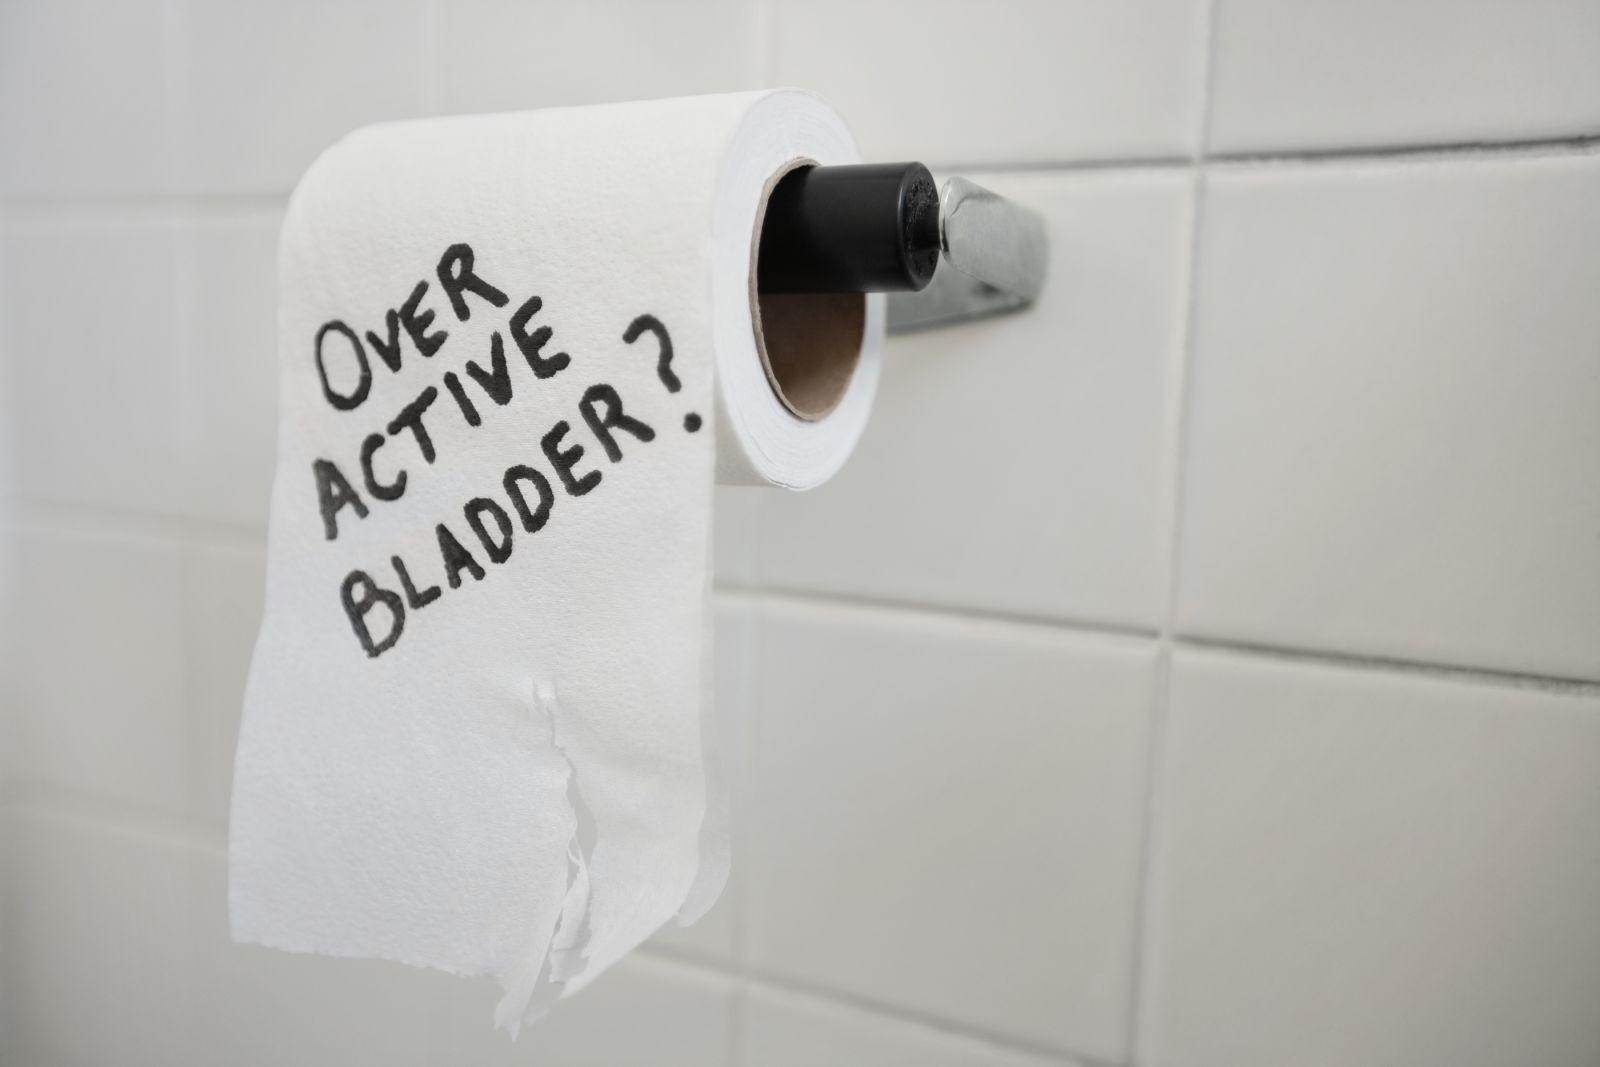 hb-bladder-0216207265138217